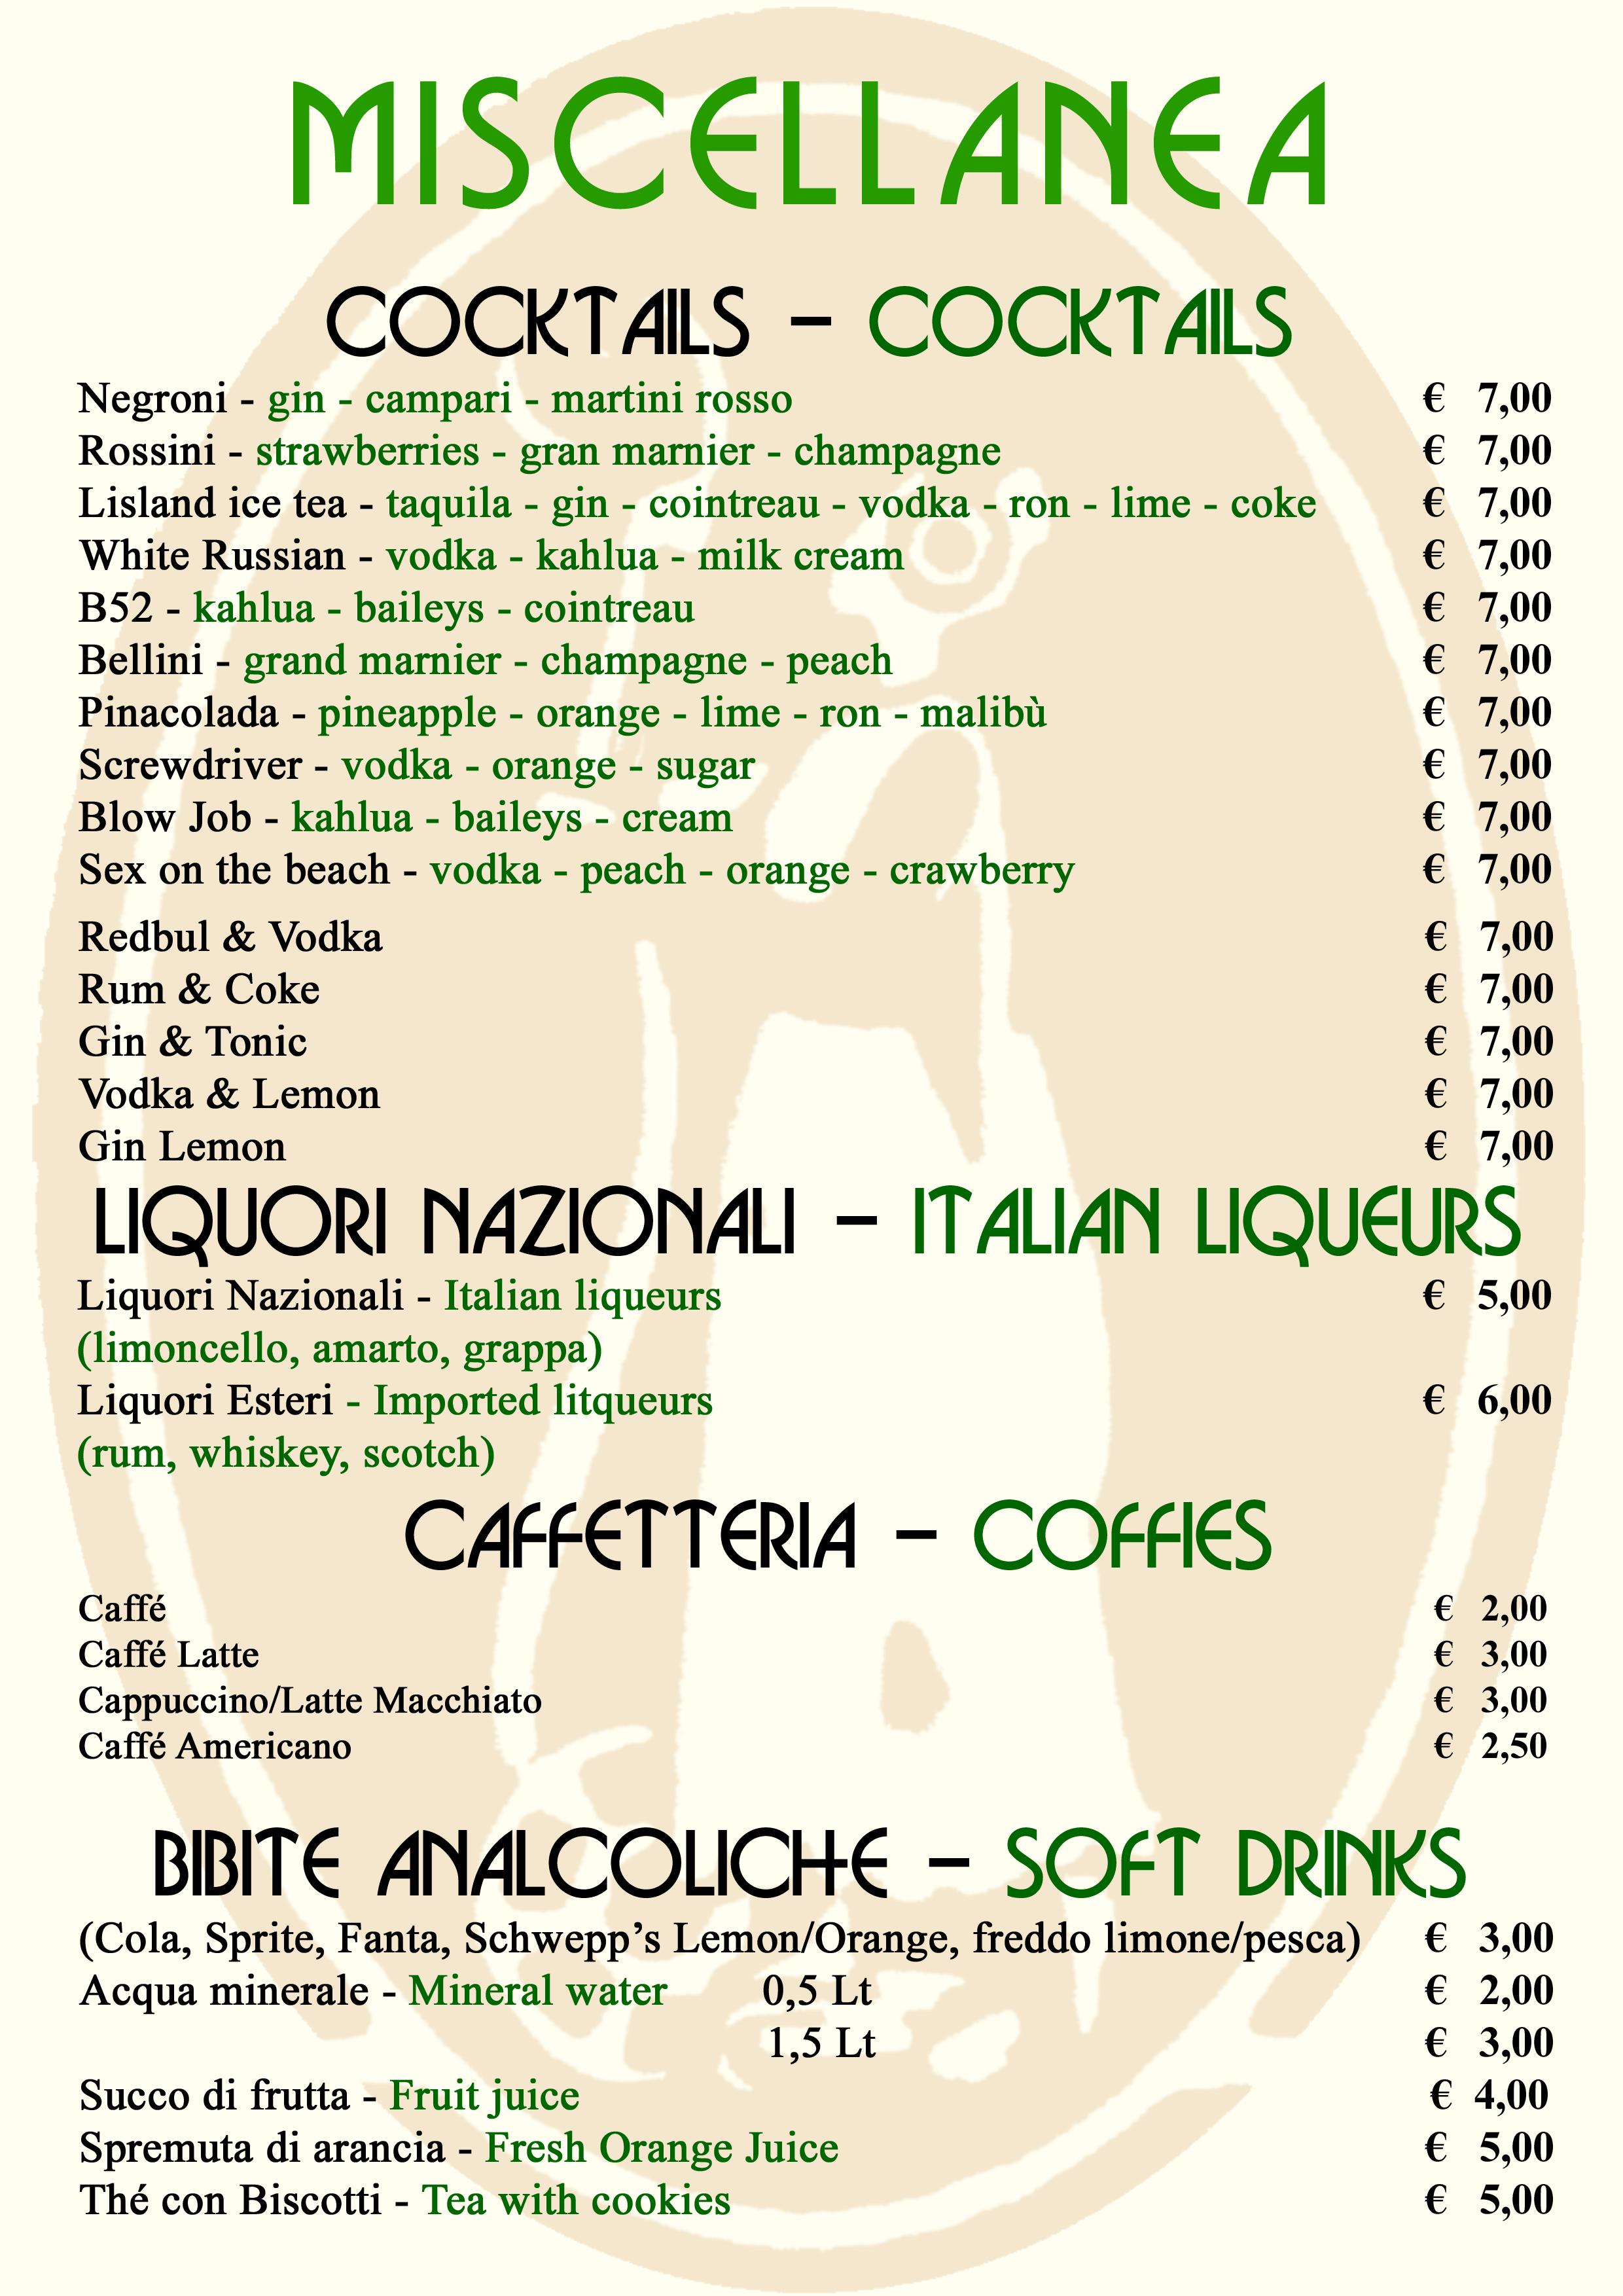 Cocktails, liquori, caffetteria e bibite analcoliche